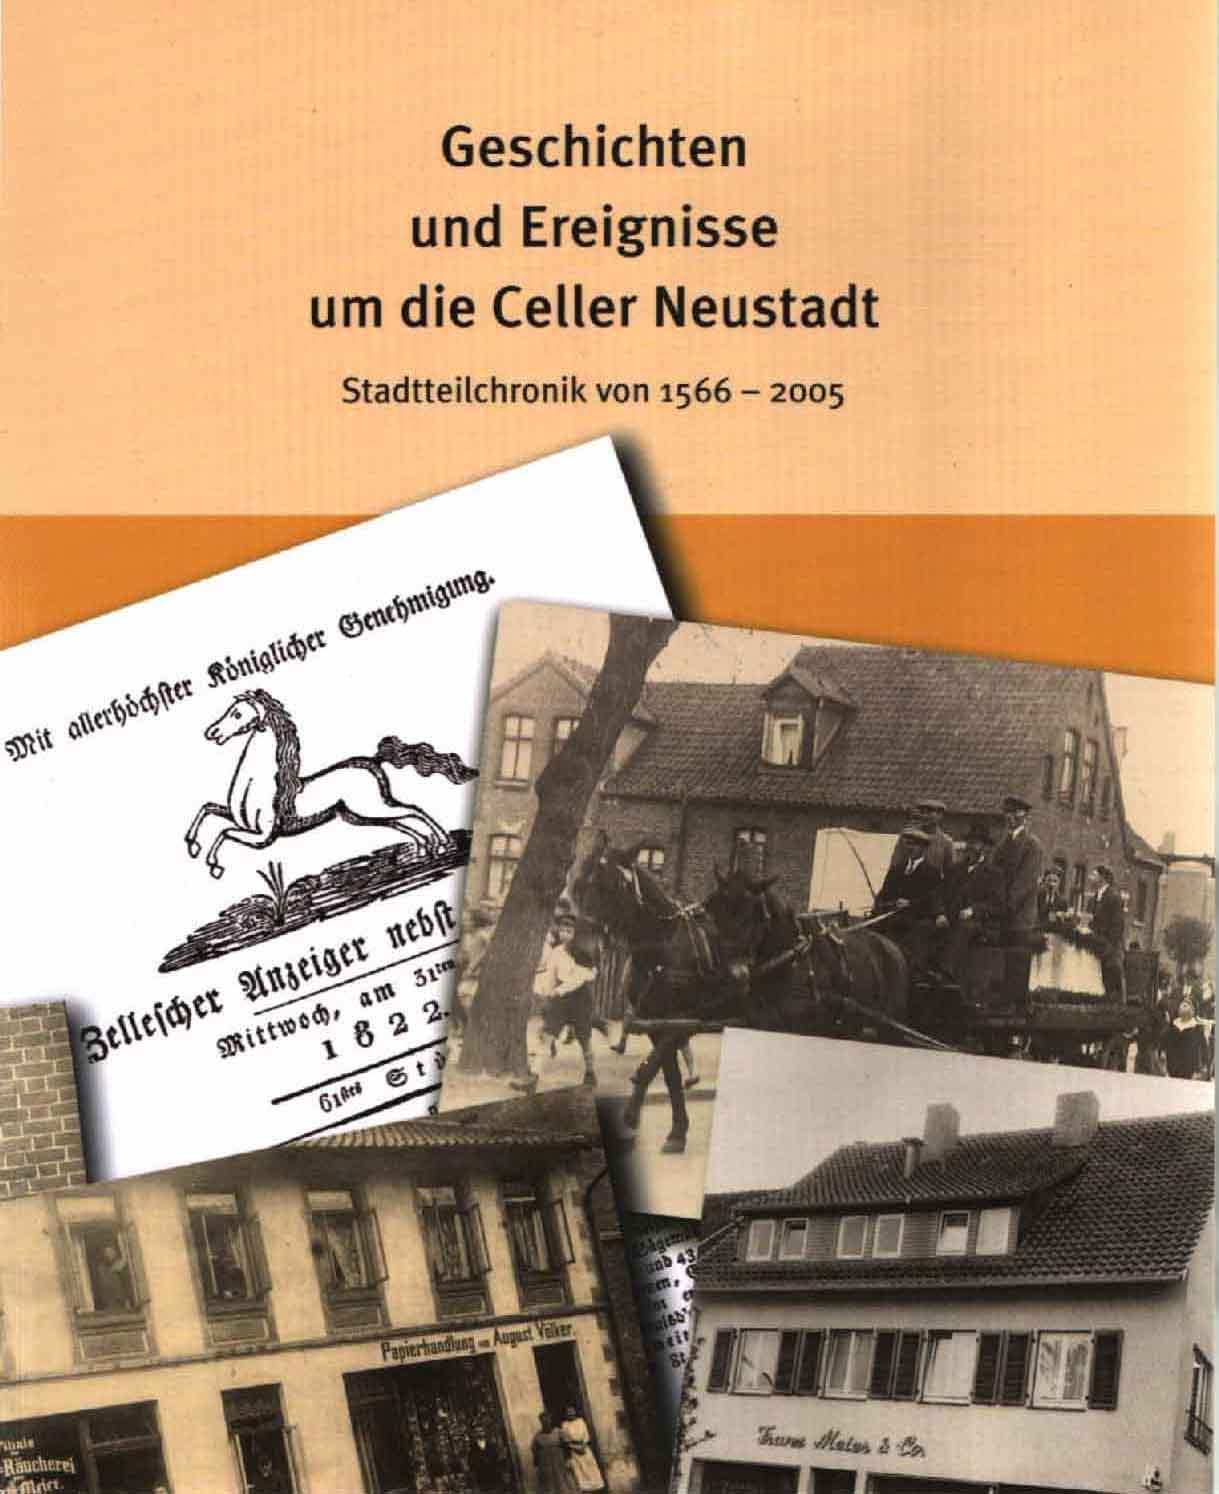 Geschichten und Ereignisse um die Celler Neustadt 1566-2005